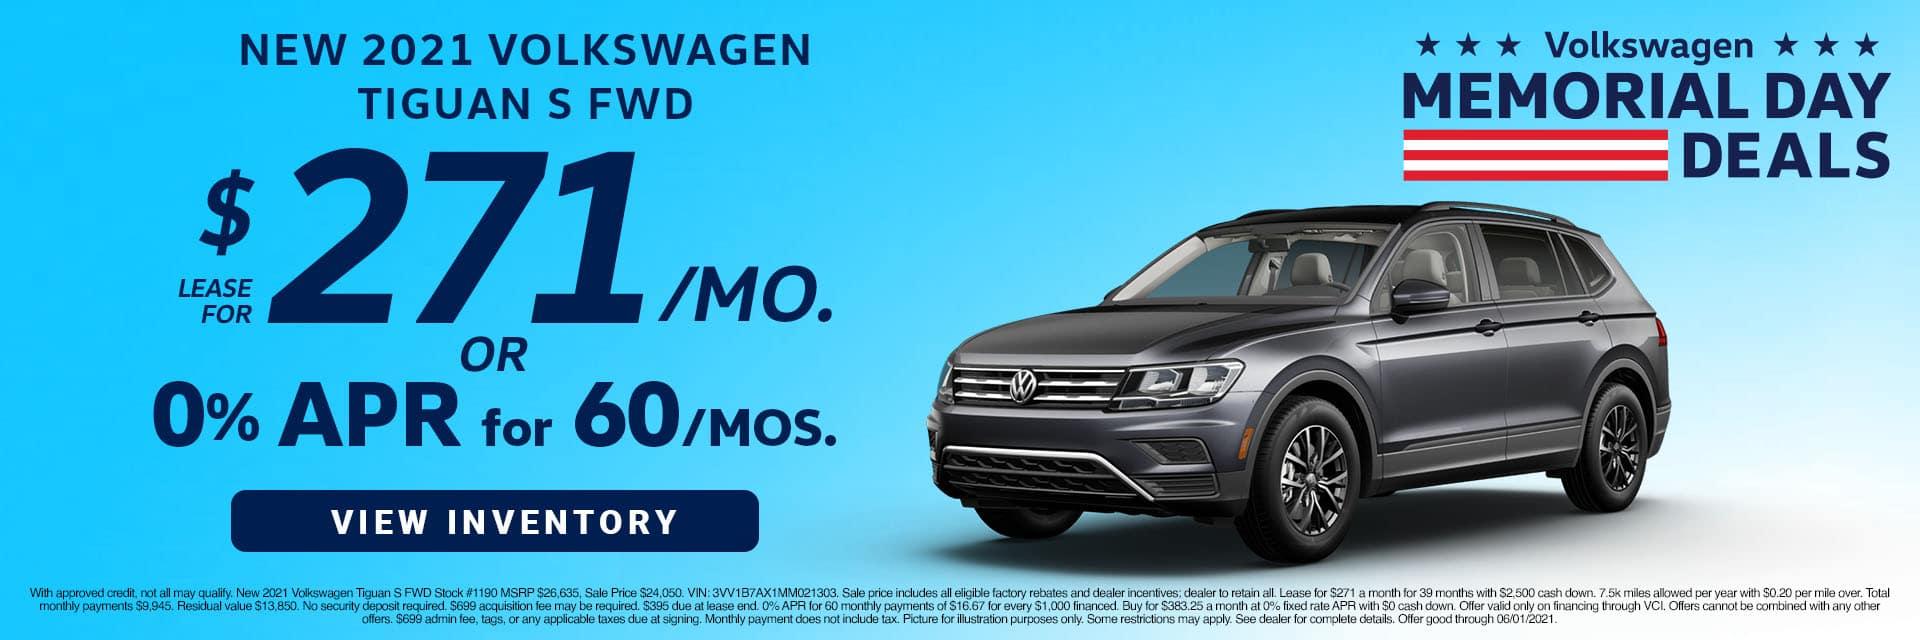 CVWG-May 20212020 Volkswagen Tiguan